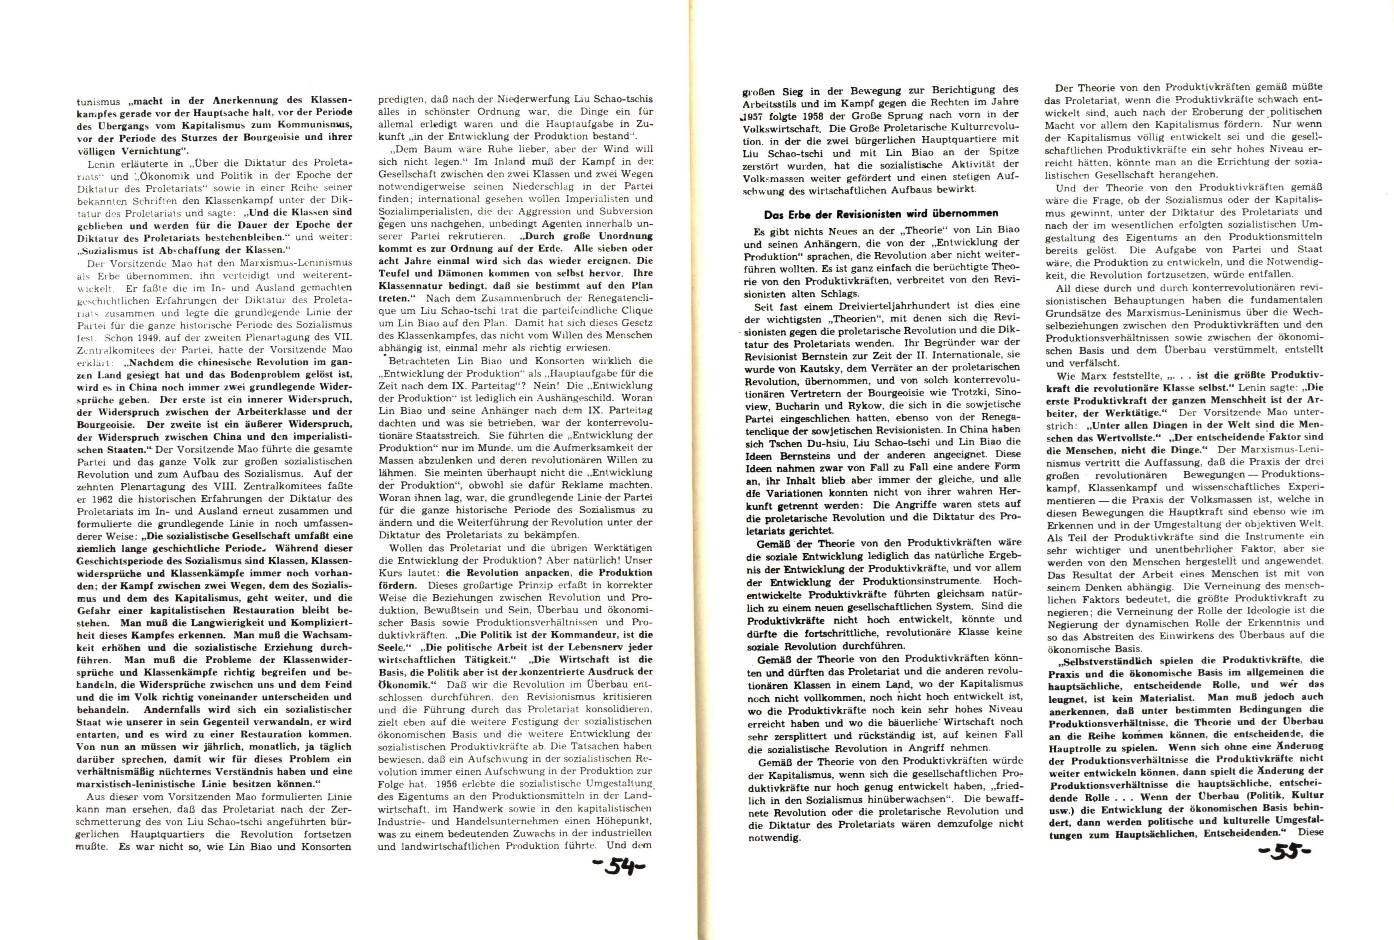 Berlin_KSV_1976_Wochenendseminare_Geschichte_01_29